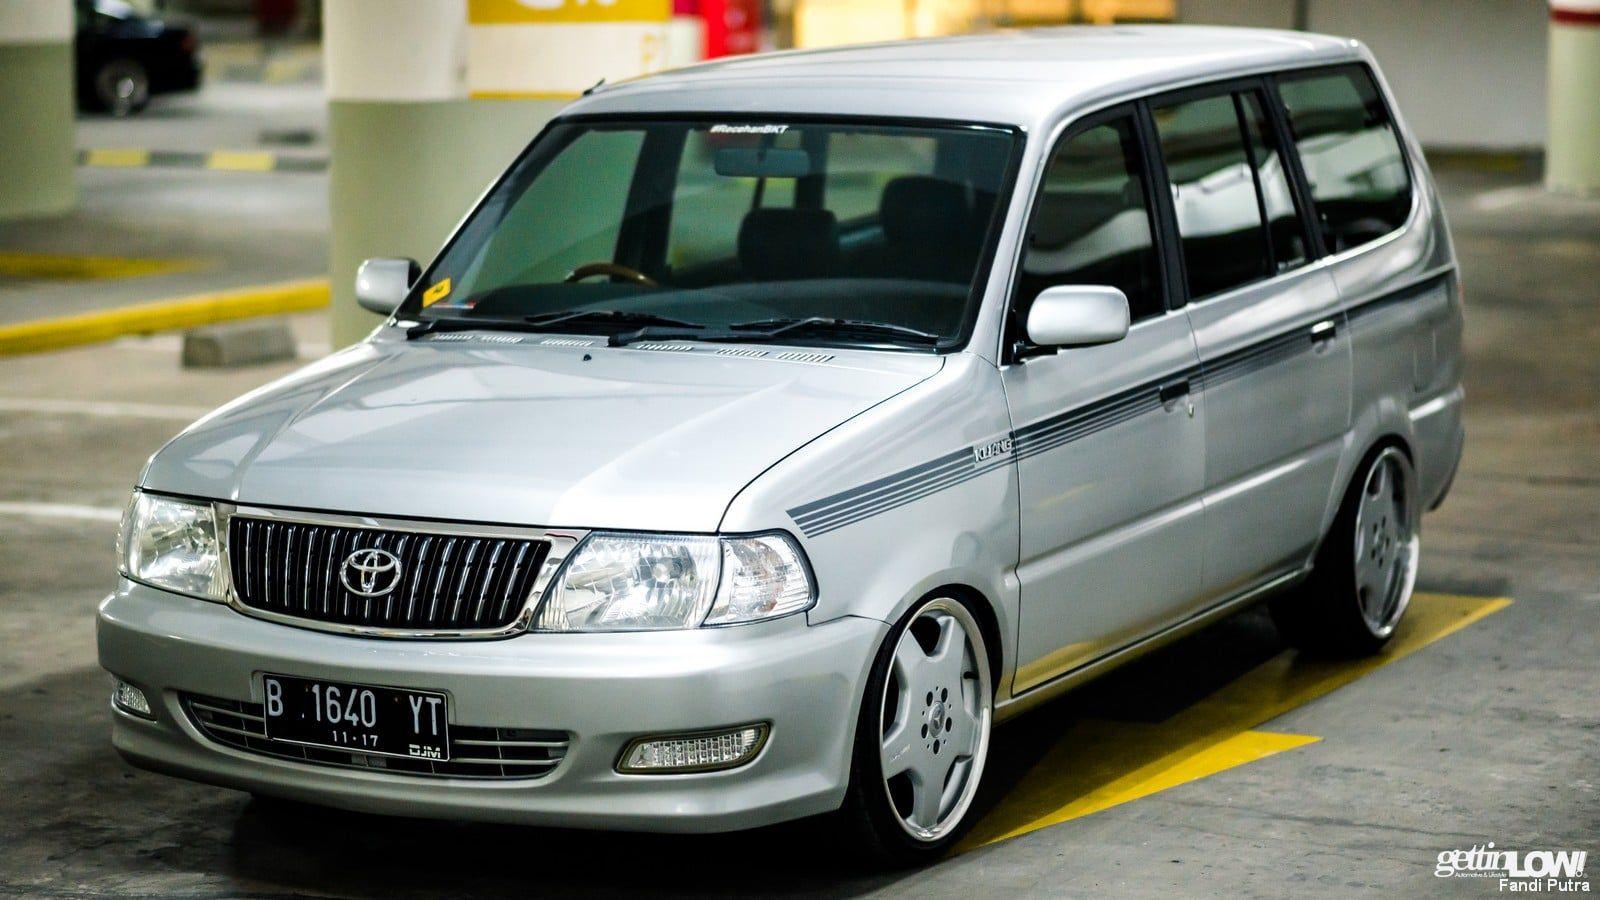 Modifikasi Mobil Kijang Lgx 2000 Modifikasi Mobil Mobil Mobil Keren